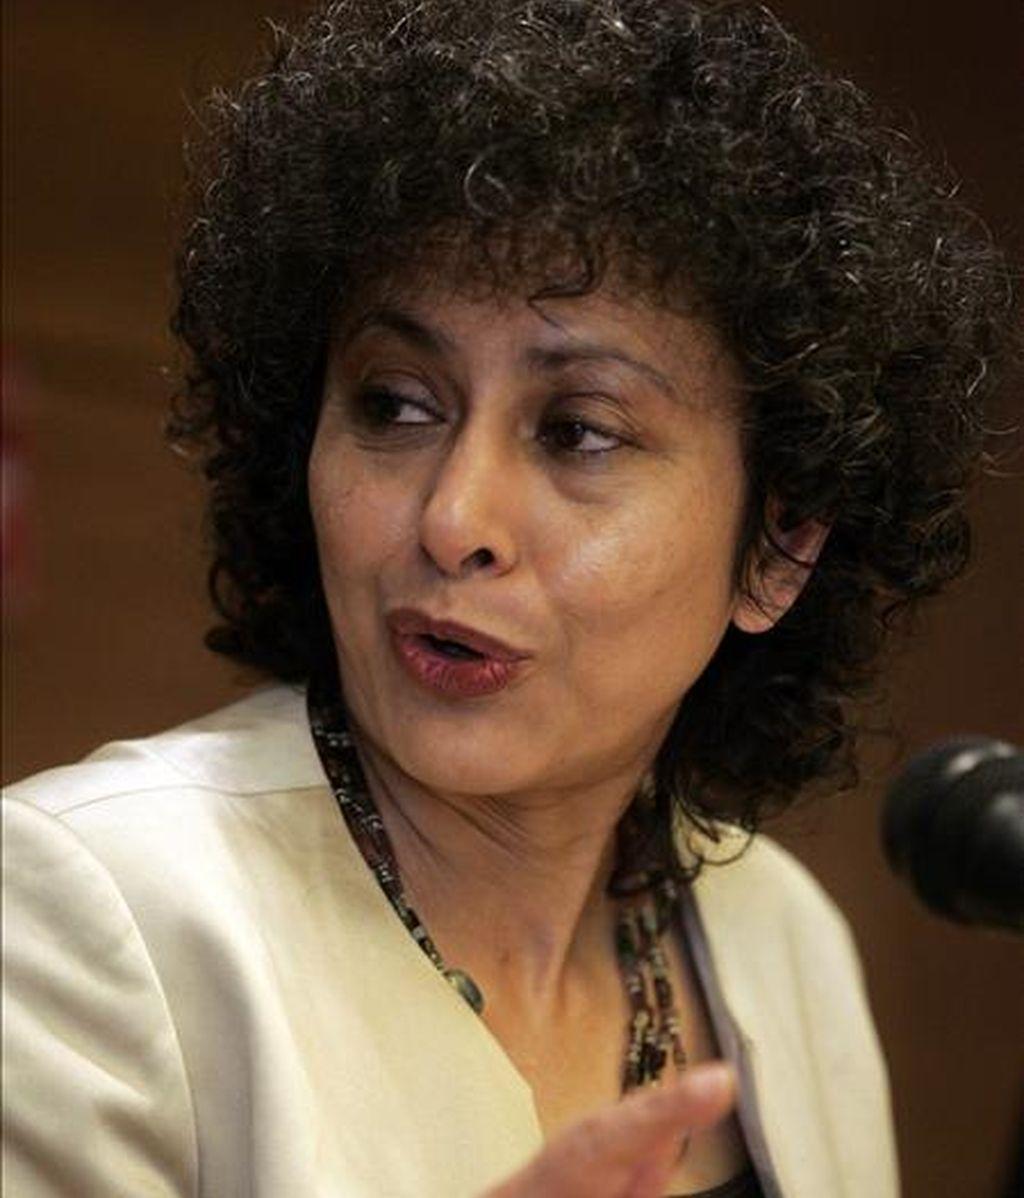 La secretaria general de Amnistía Internacional, Irene Khan. EFE/Archivo